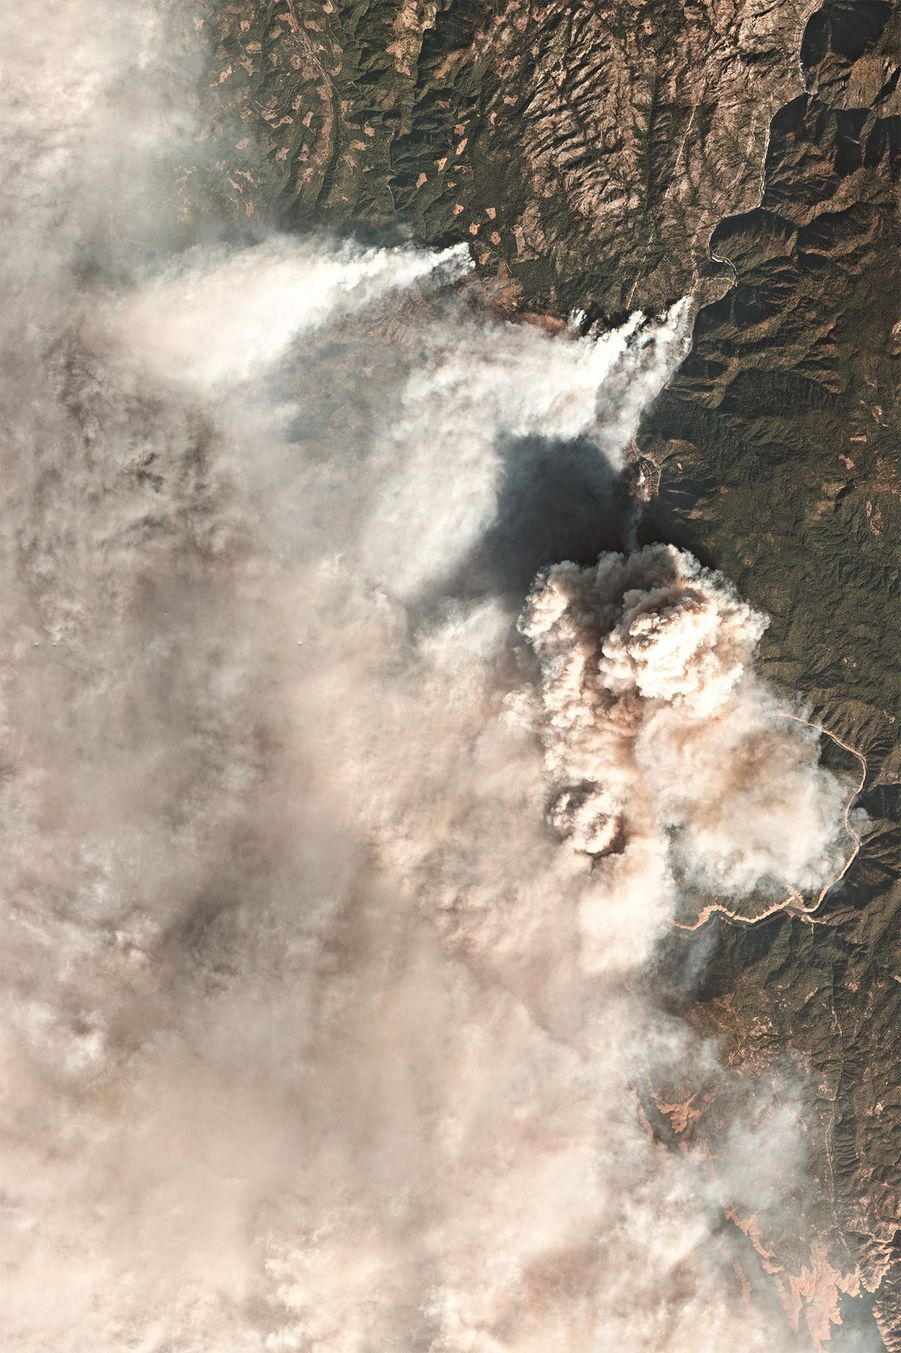 Lundi, les extrémités septentrionales et méridionales de laCalifornieétaient couvertes d'épaisses fumées et le soleil, à peine visible, masqué par plusieurs feux d'ampleurs variées.